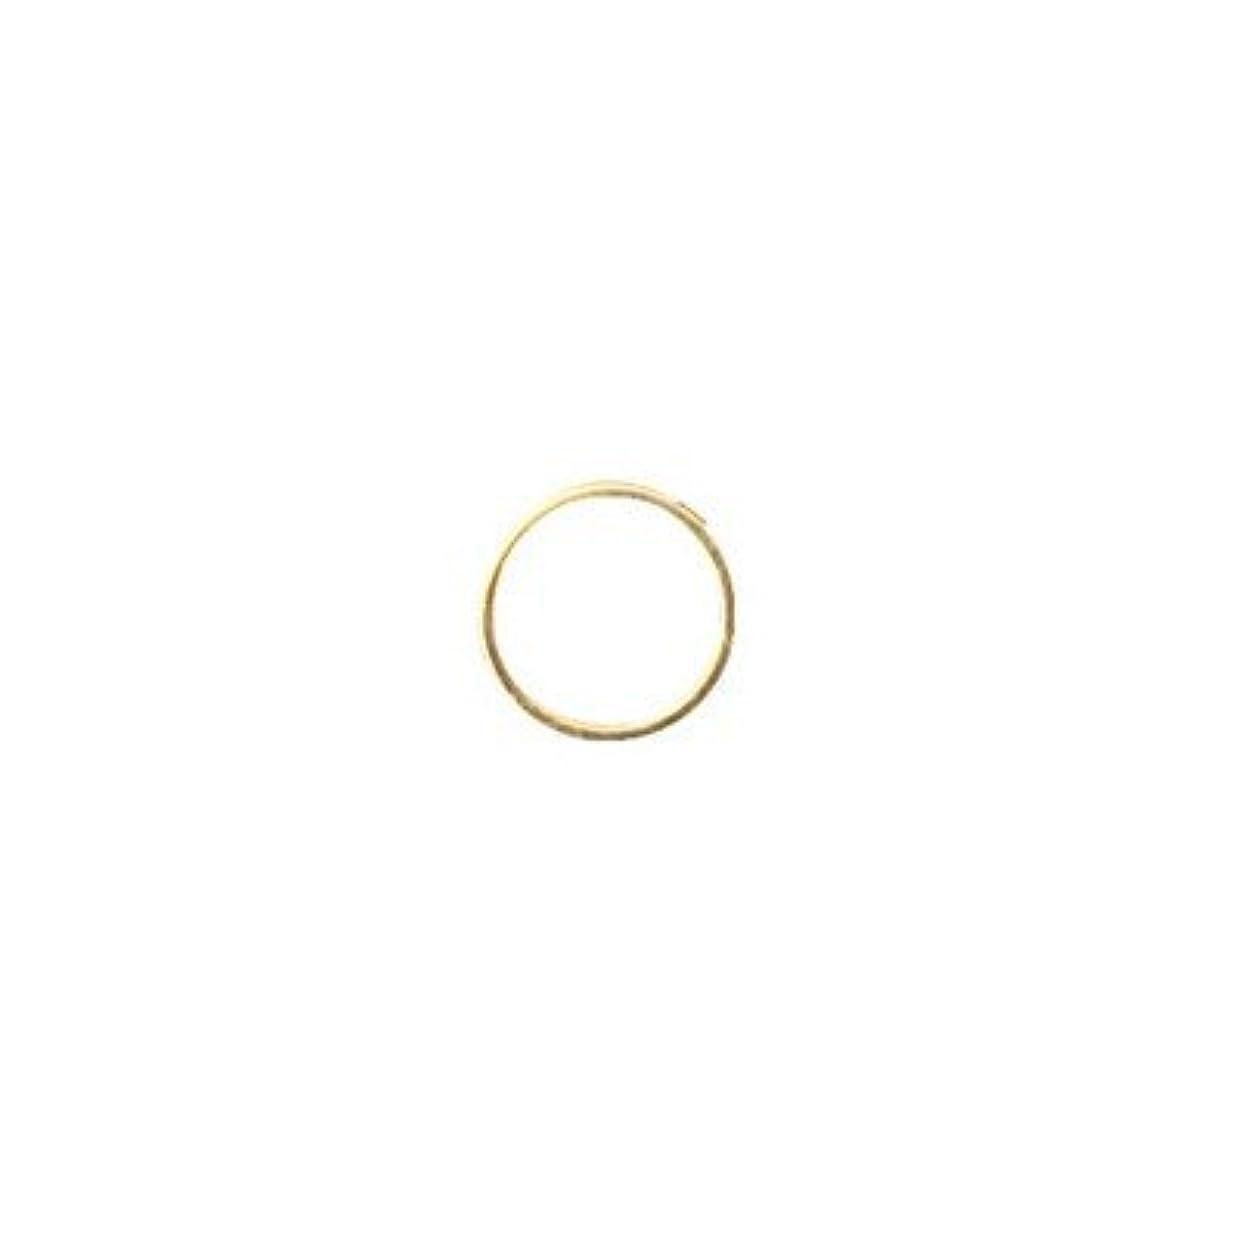 反論先例気付くシャレドワミュゼ BLC ブローチ ラウンド 7×7mm ゴールド 6P